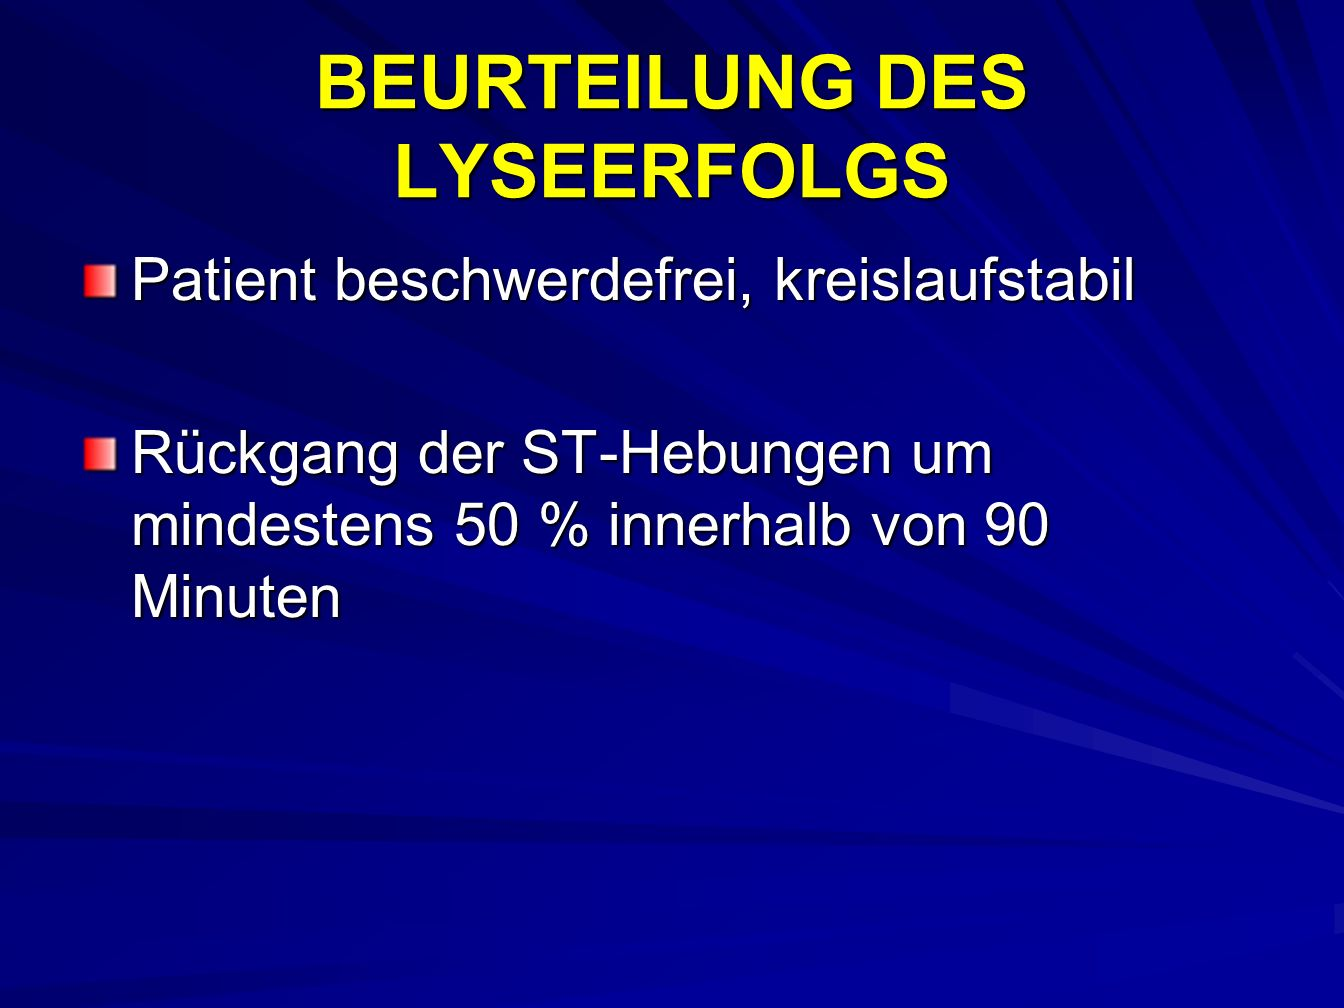 BEURTEILUNG DES LYSEERFOLGS